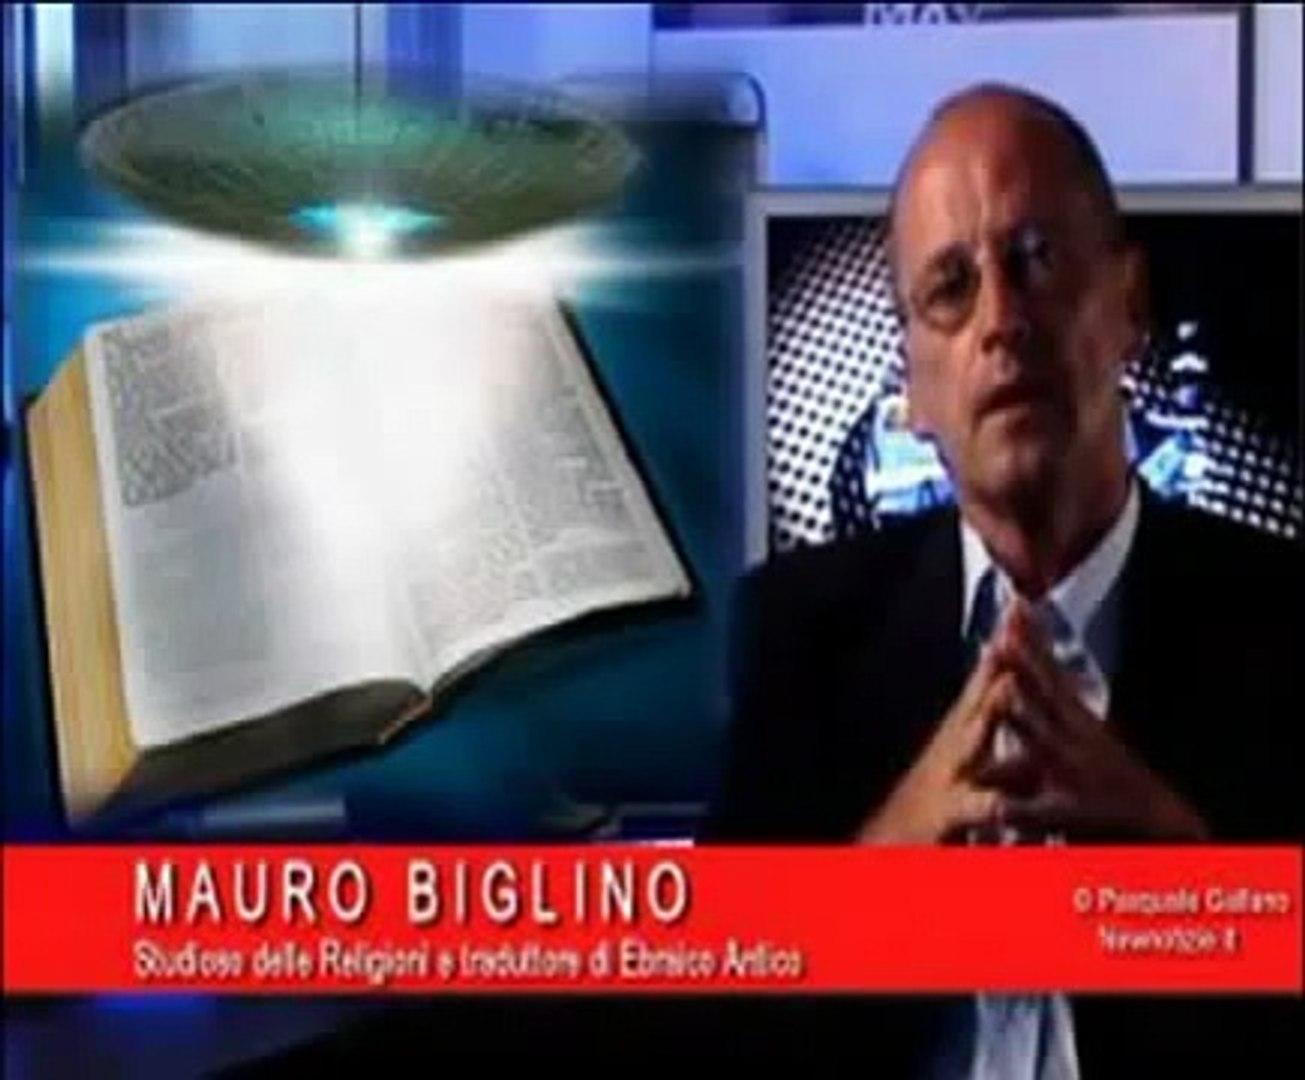 Intervista a Mauro Biglino   Traduttore di ebraico antico. PARTE 1